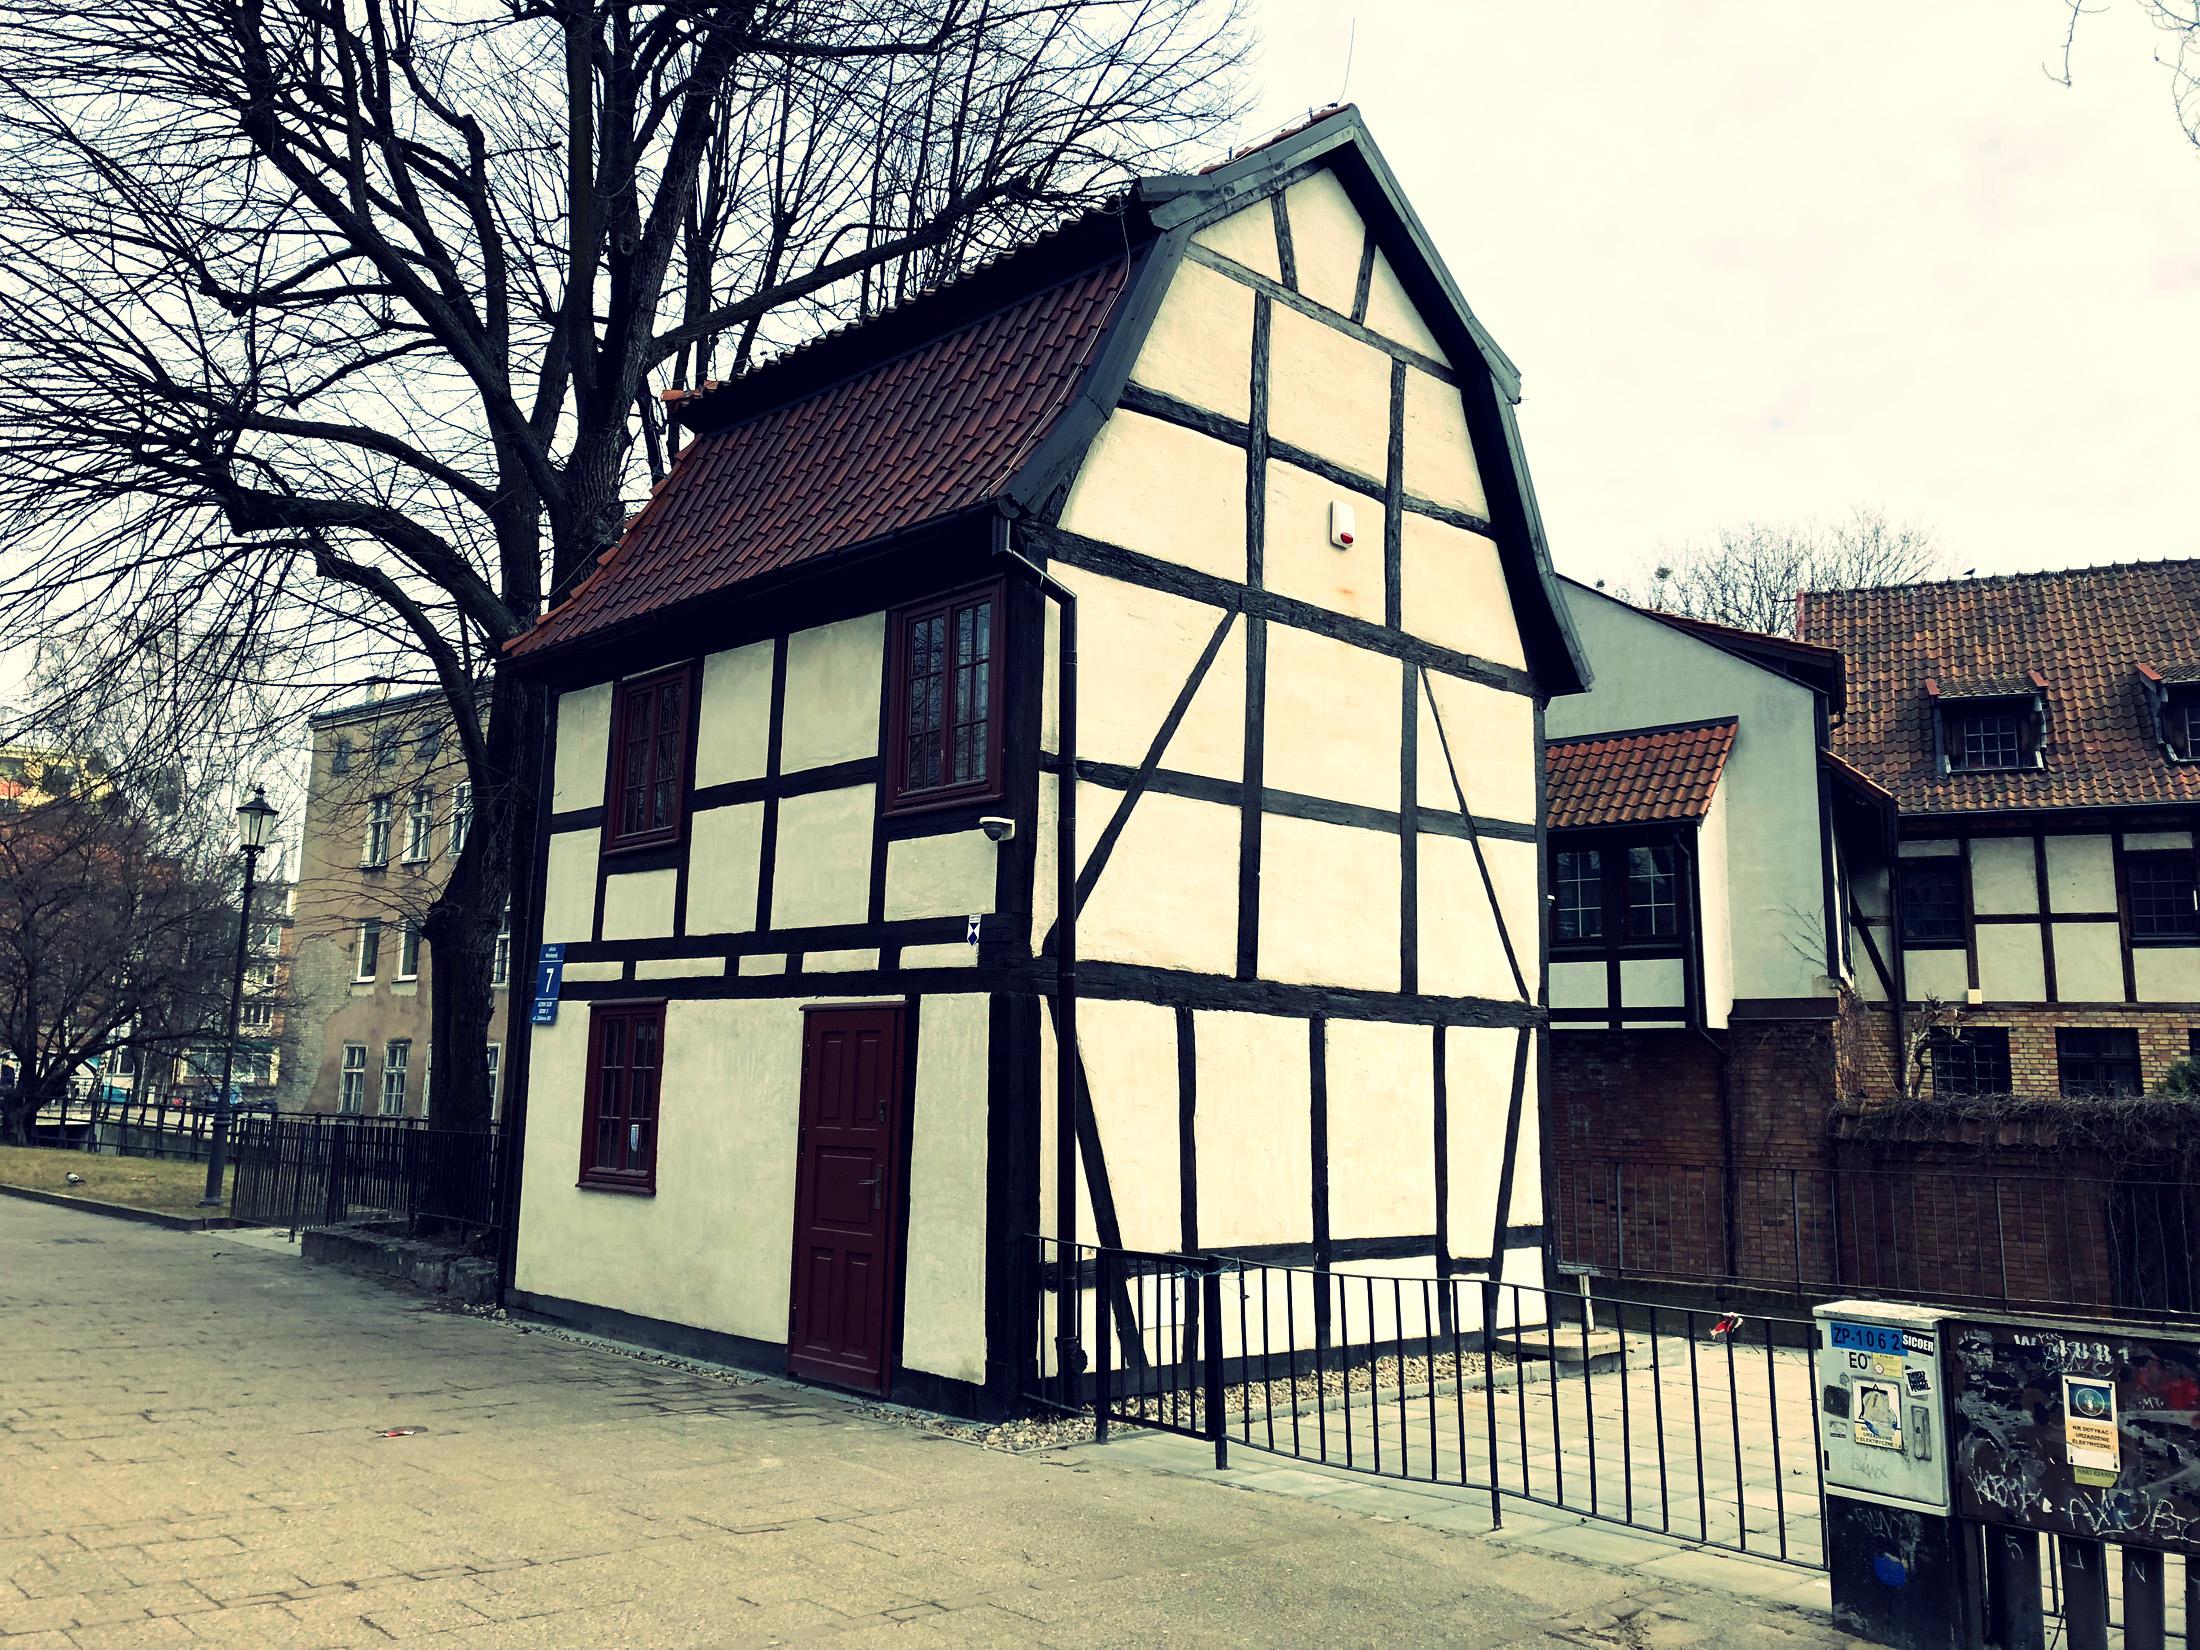 Dom o konstrukcji szkieletowej